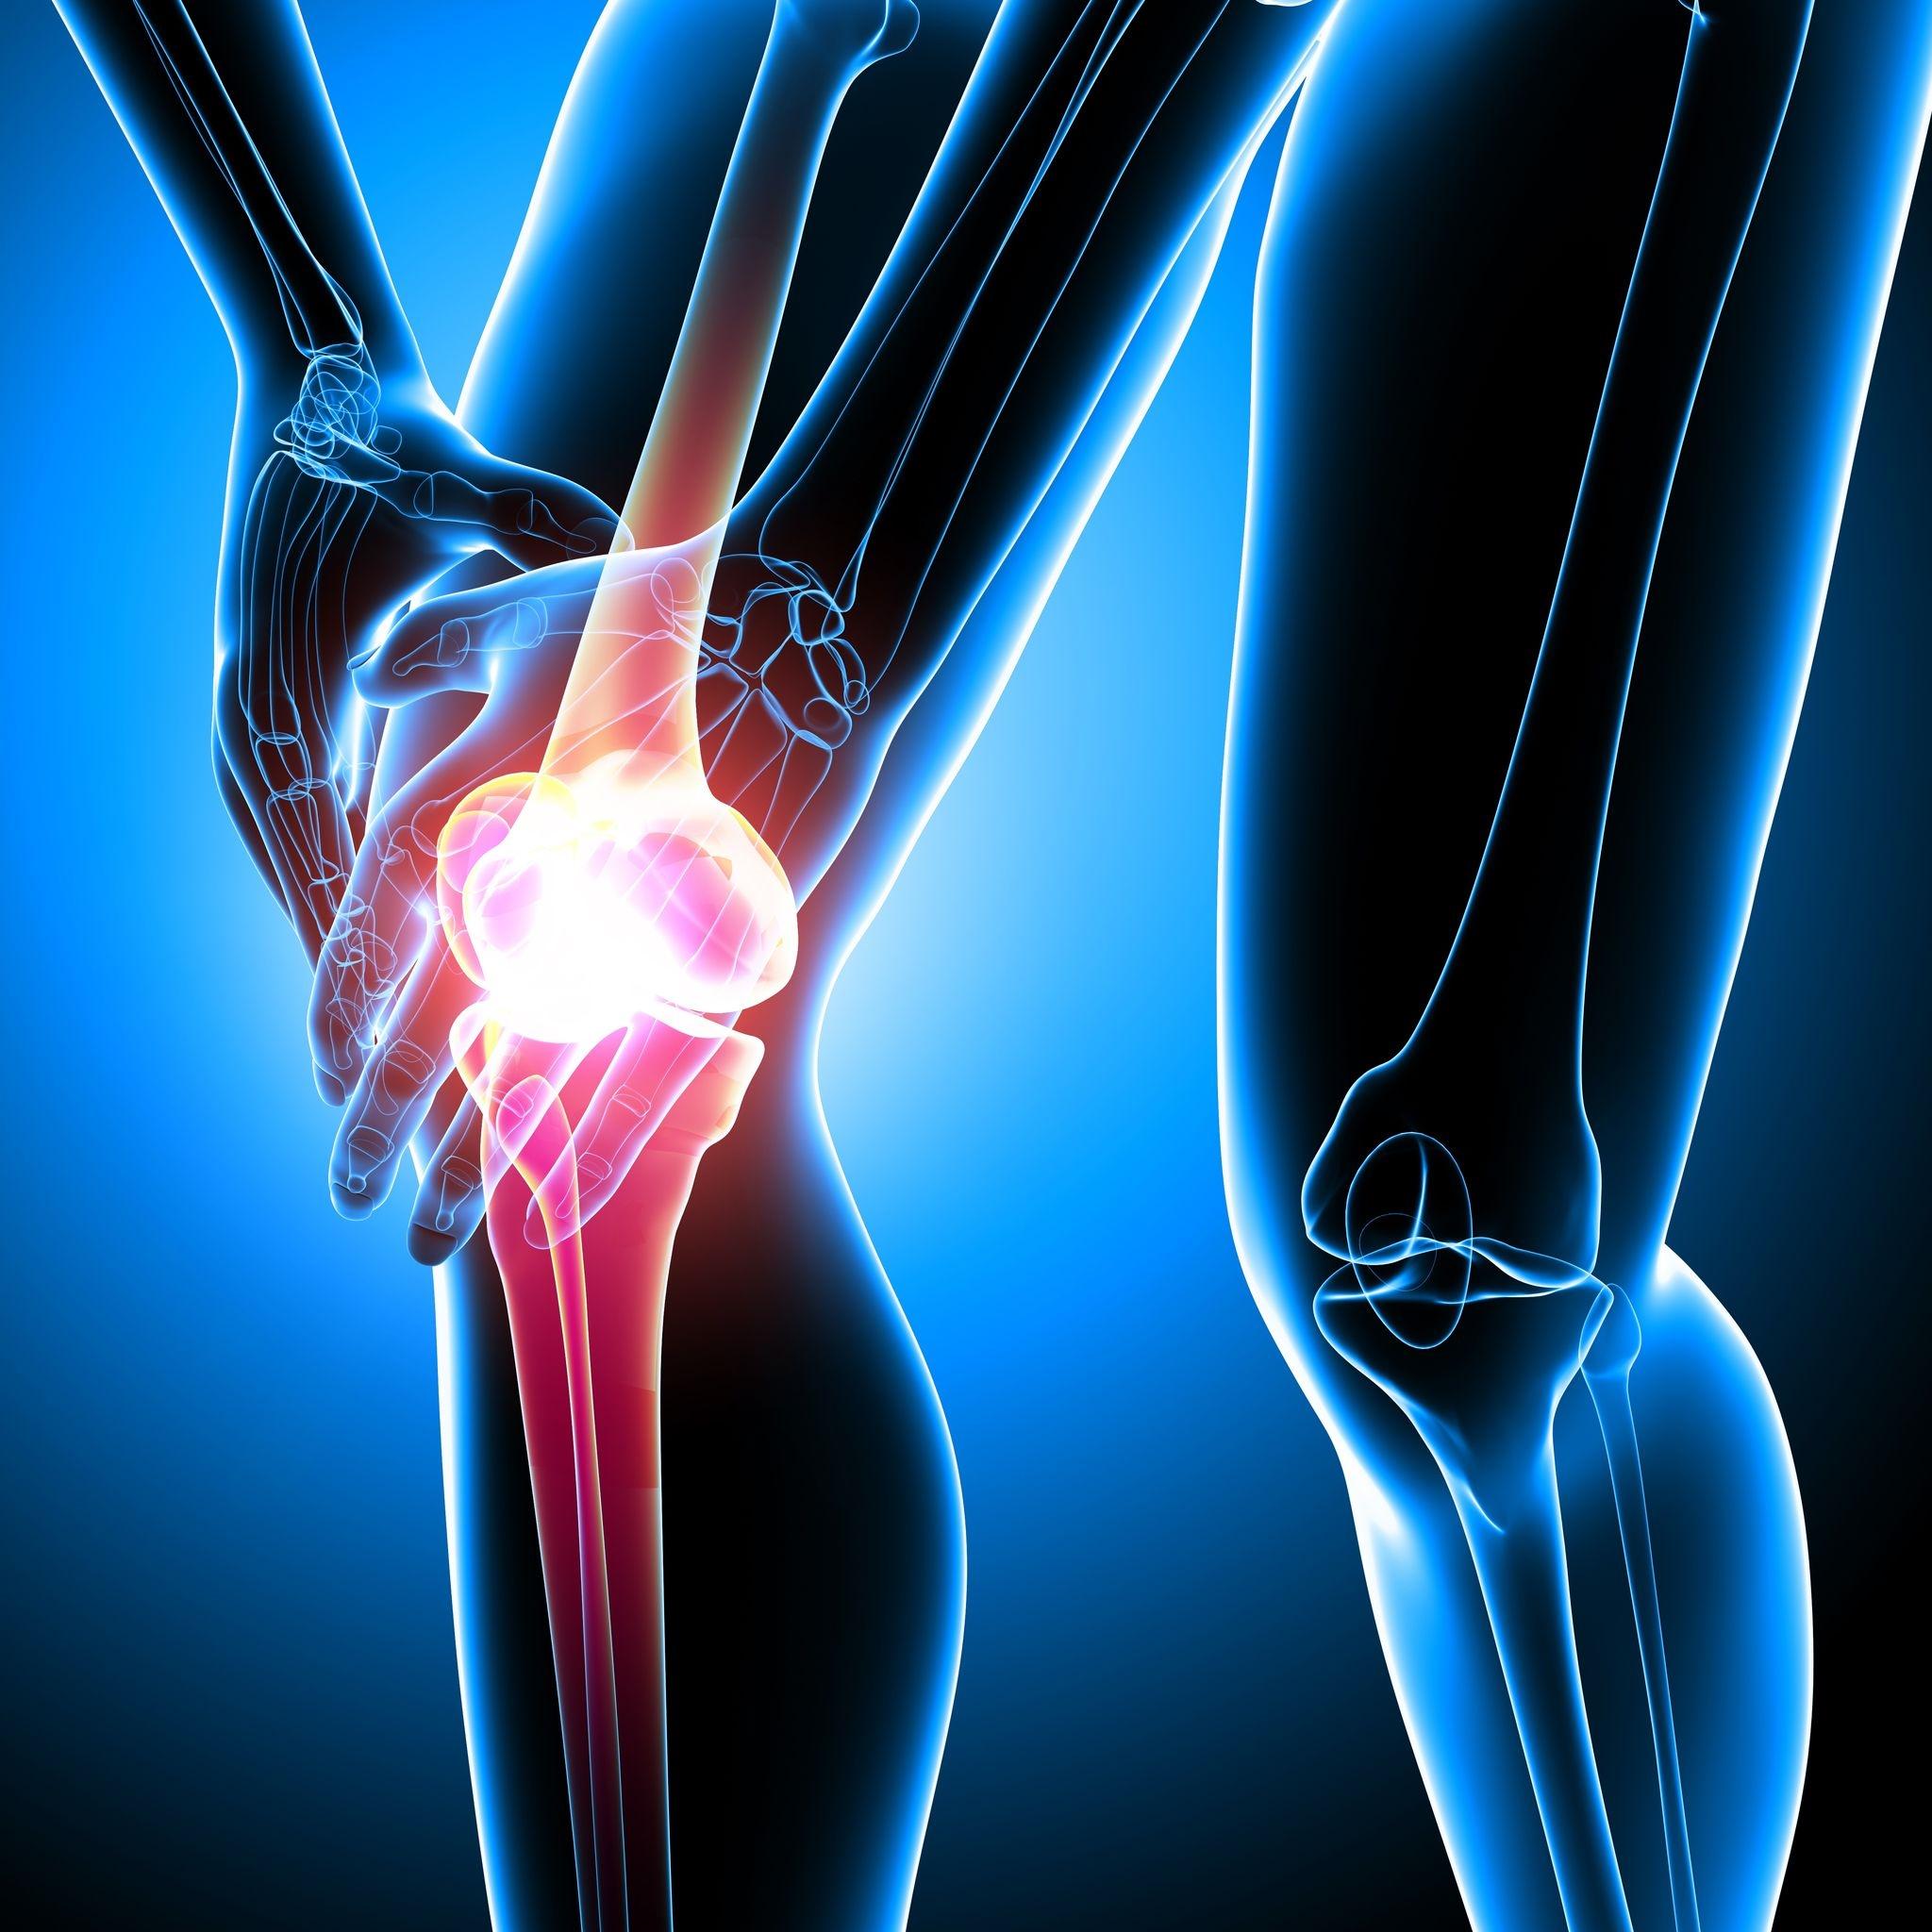 proprietăți de vindecare a condroitinei glucozaminelor articulațiile genunchiului doare decât pastilele tratate